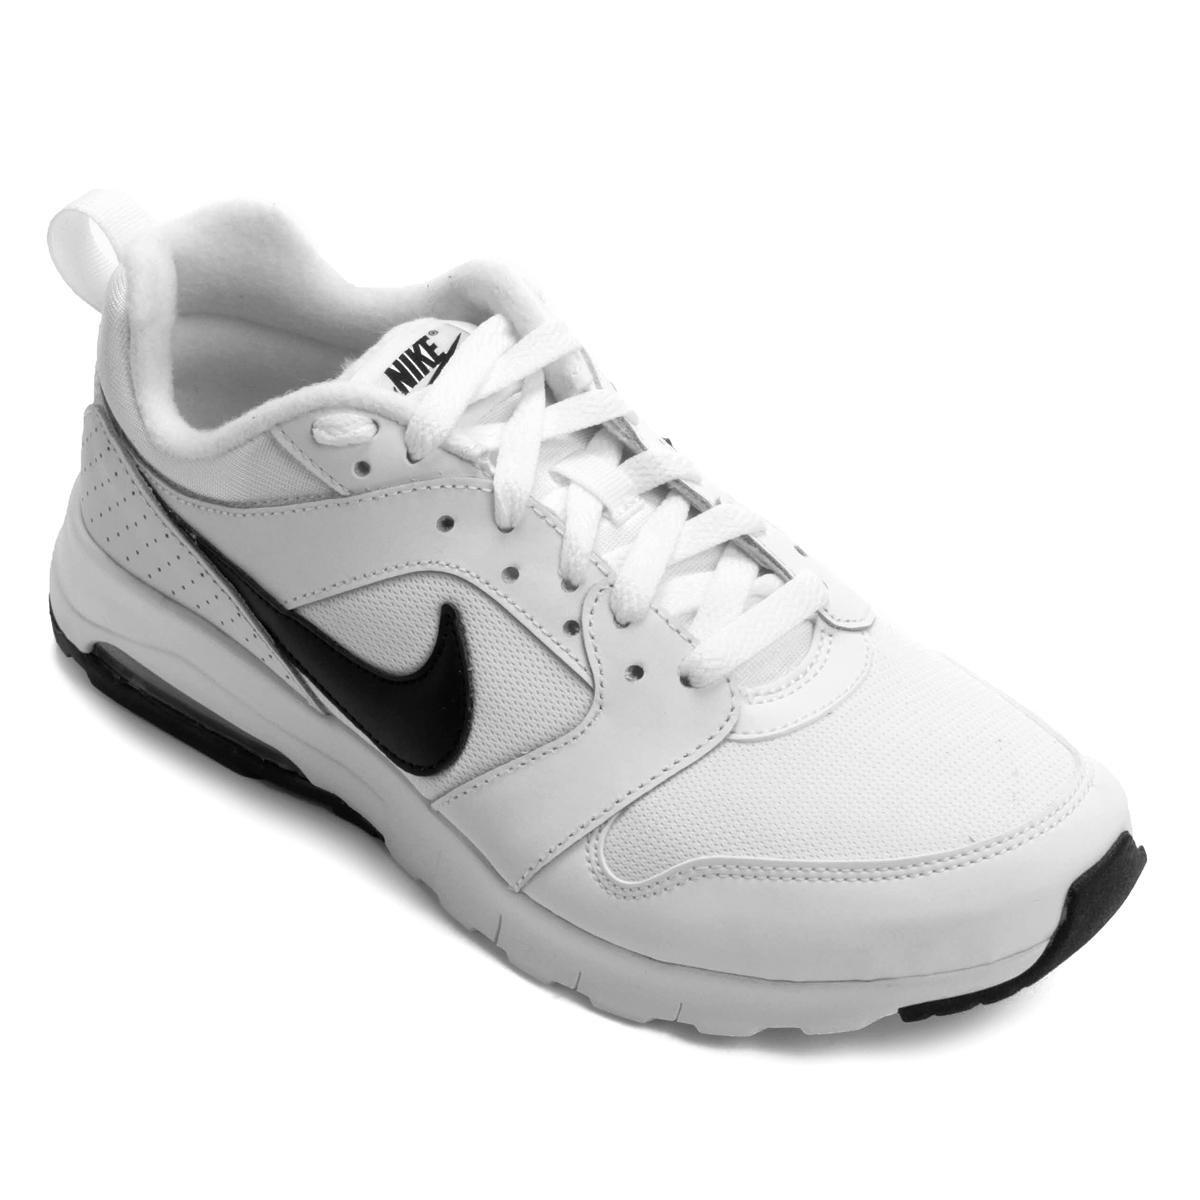 bd208b745d1 Tênis Nike Air Max Motion Masculino - Compre Agora